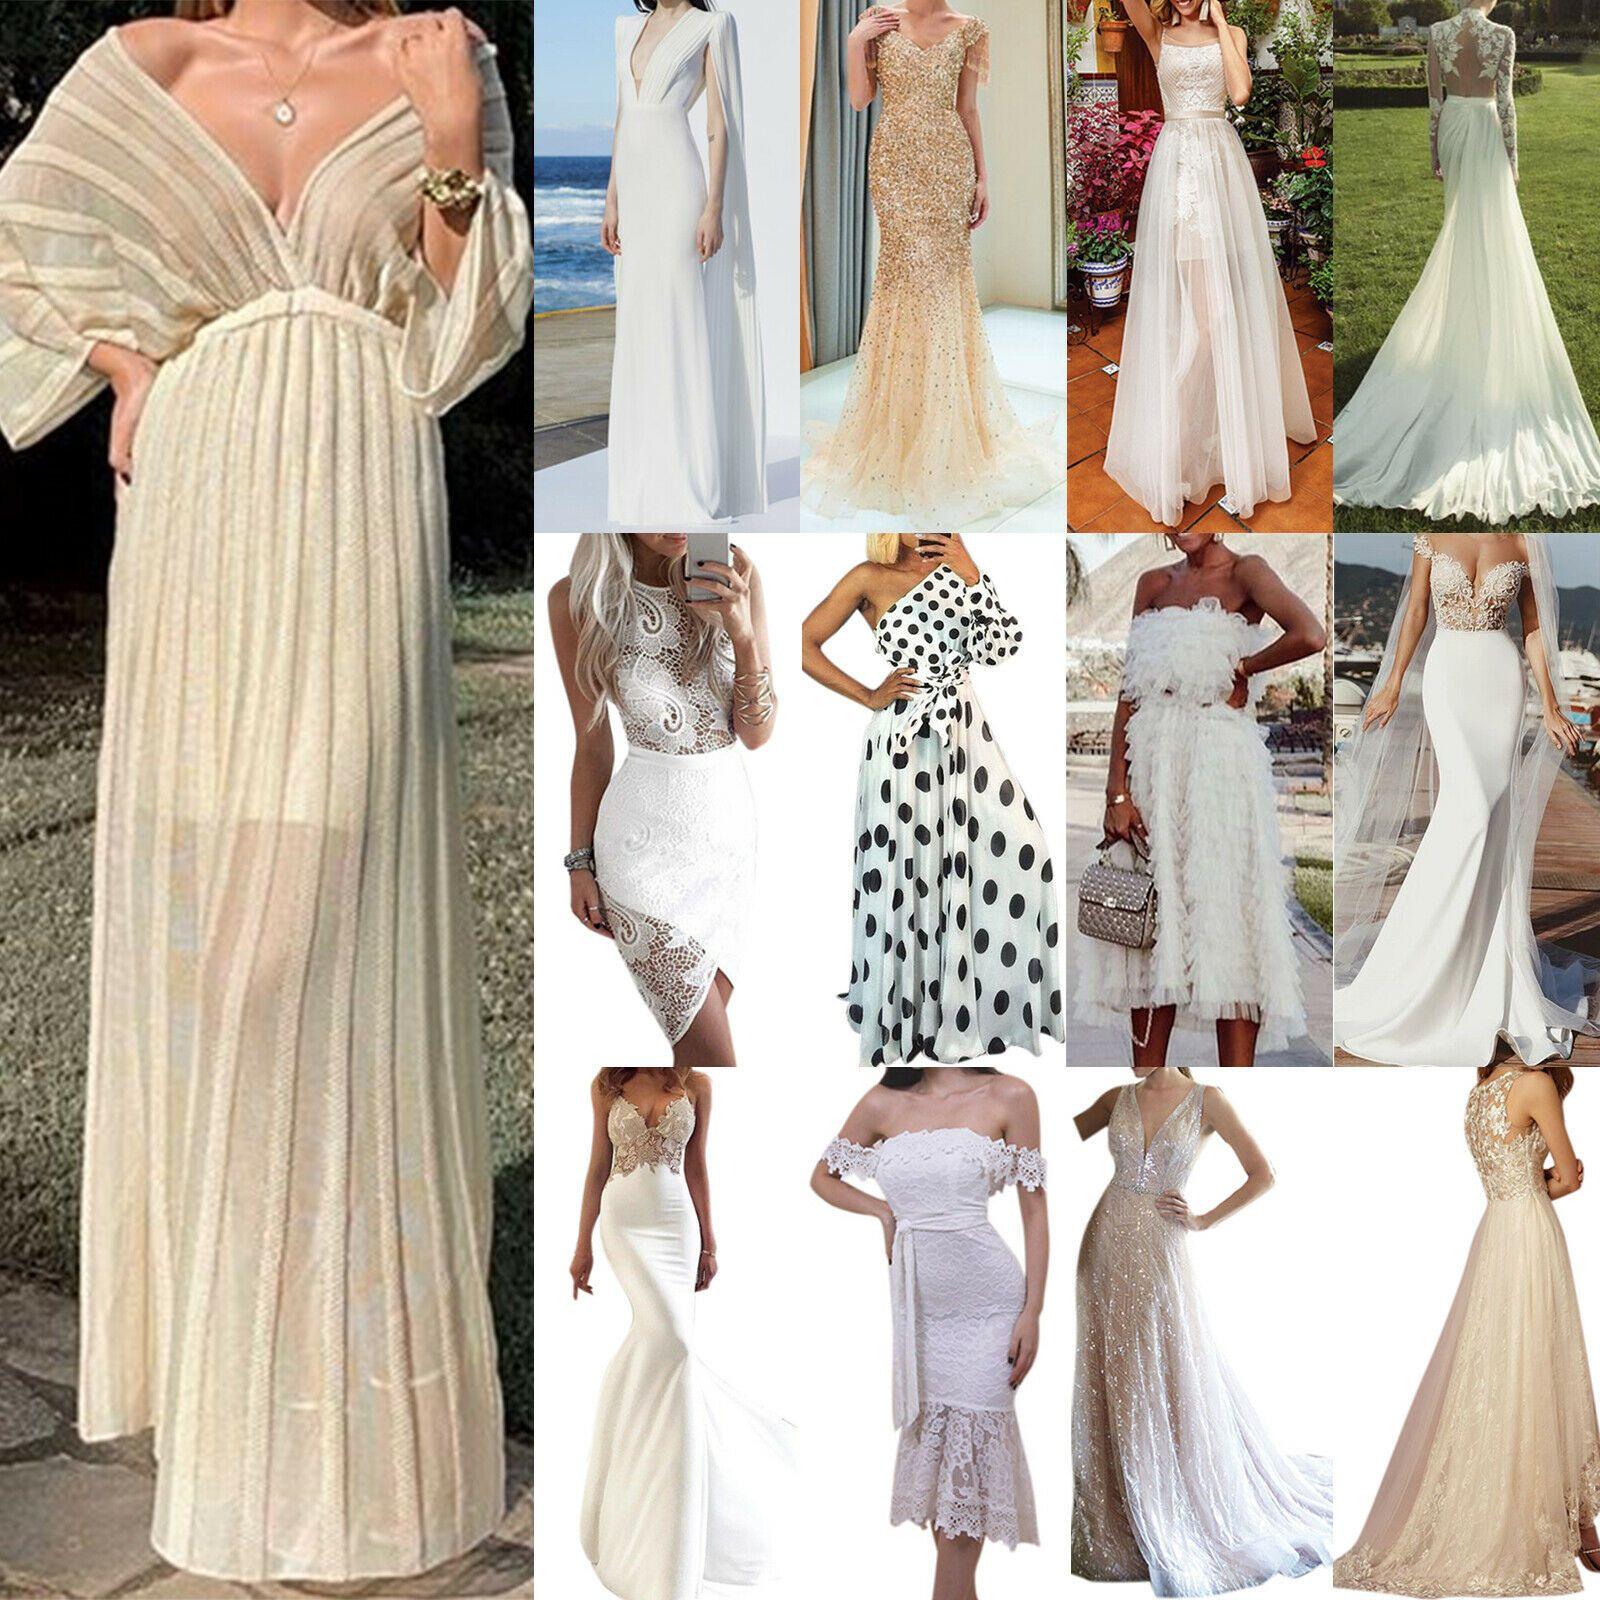 Formal Schön Abendkleid Weiß Spitze Stylish13 Schön Abendkleid Weiß Spitze Bester Preis